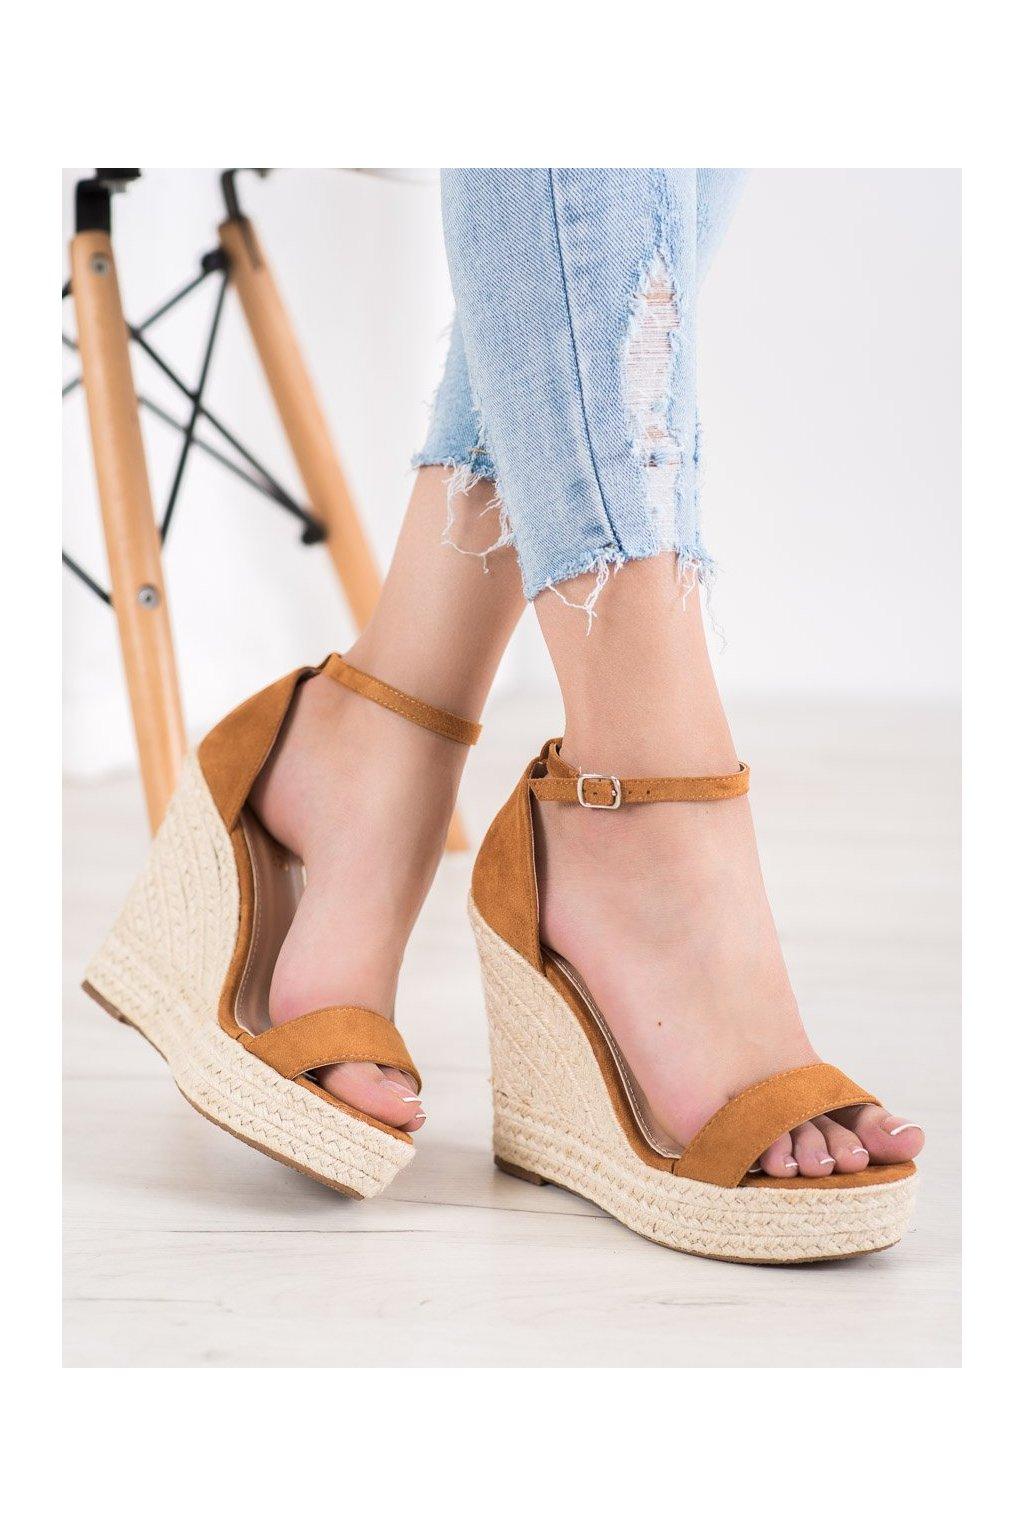 Hnedé sandále na platforme Shelovet kod NGSJ-3C